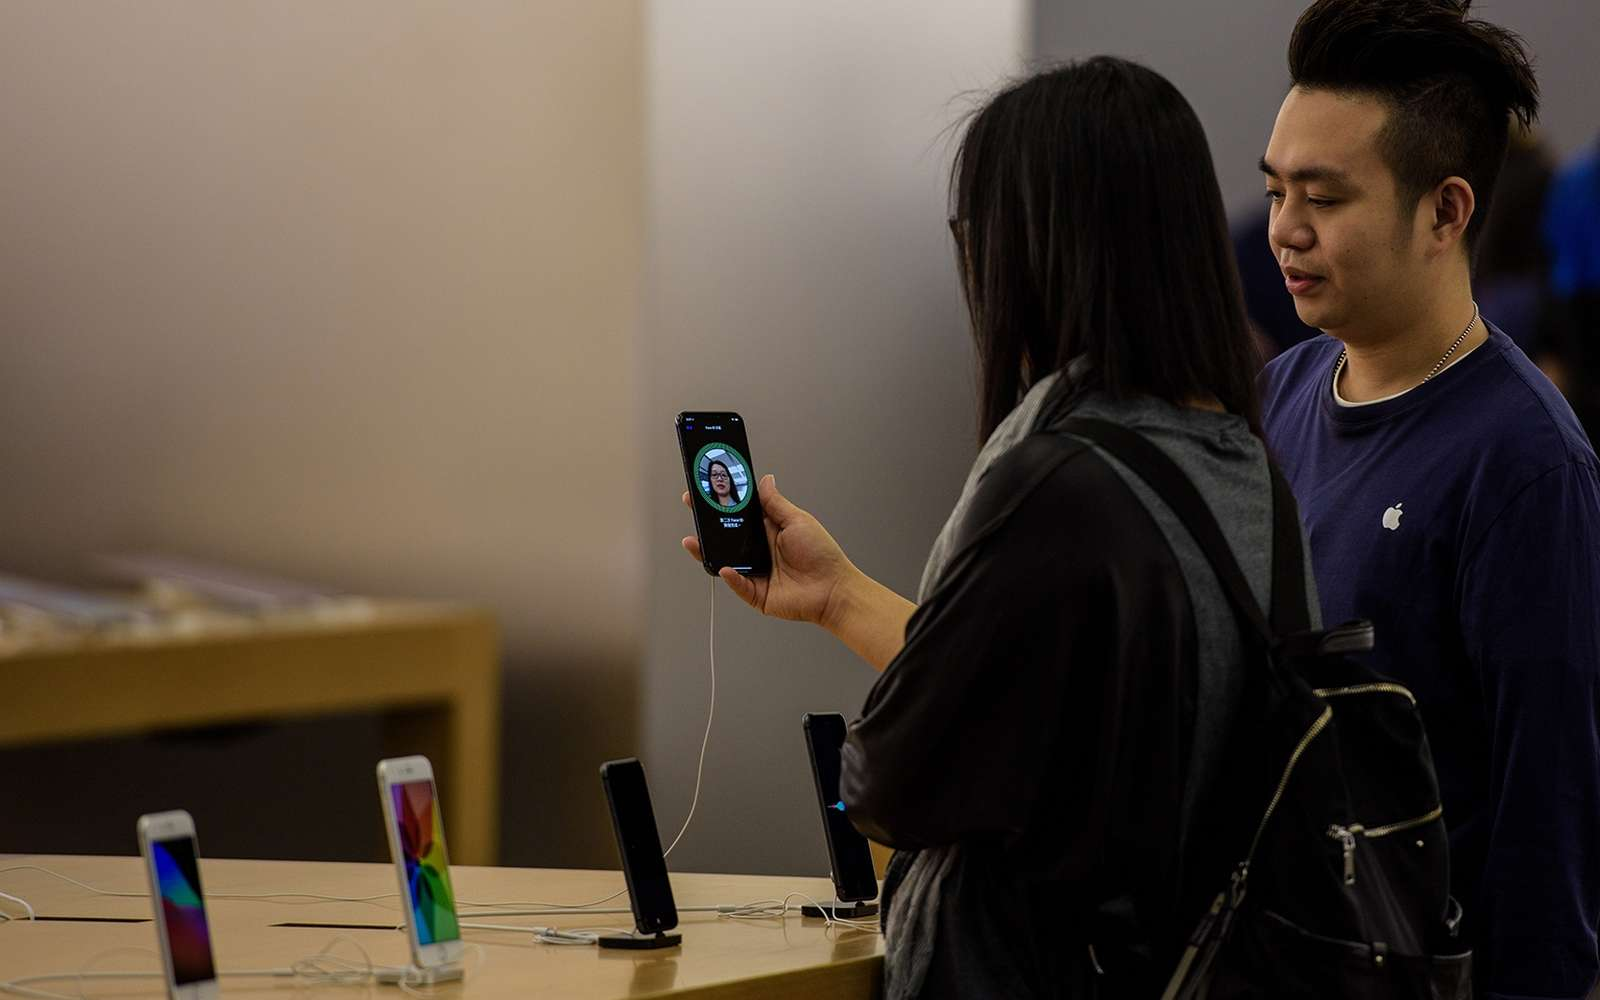 Face à la bronca montante, Apple tente de calmer les esprits avec des excuses publiques et une importante remise sur le tarif de remplacement de la batterie de l'iPhone 6. © Anthony Wallace, AFP